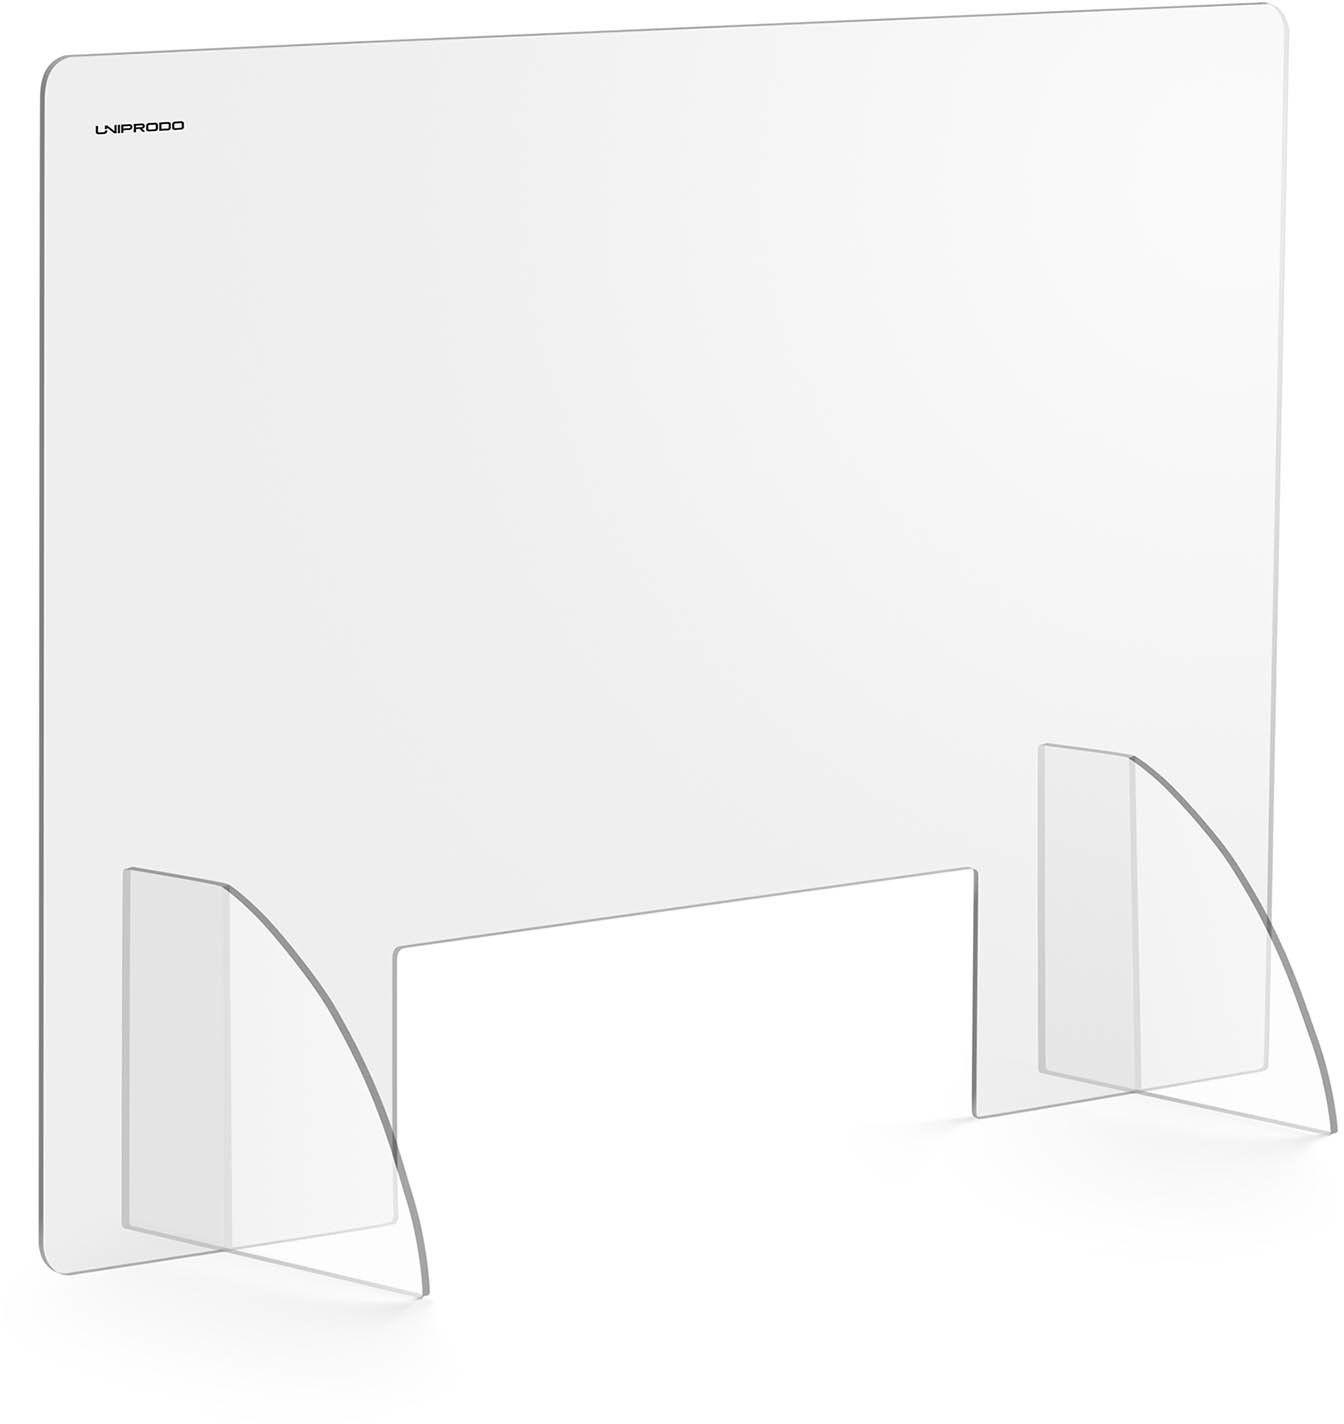 UNI-PPG01 Osłona z plexi - 95 x 65 cm Uniprodo 10250444